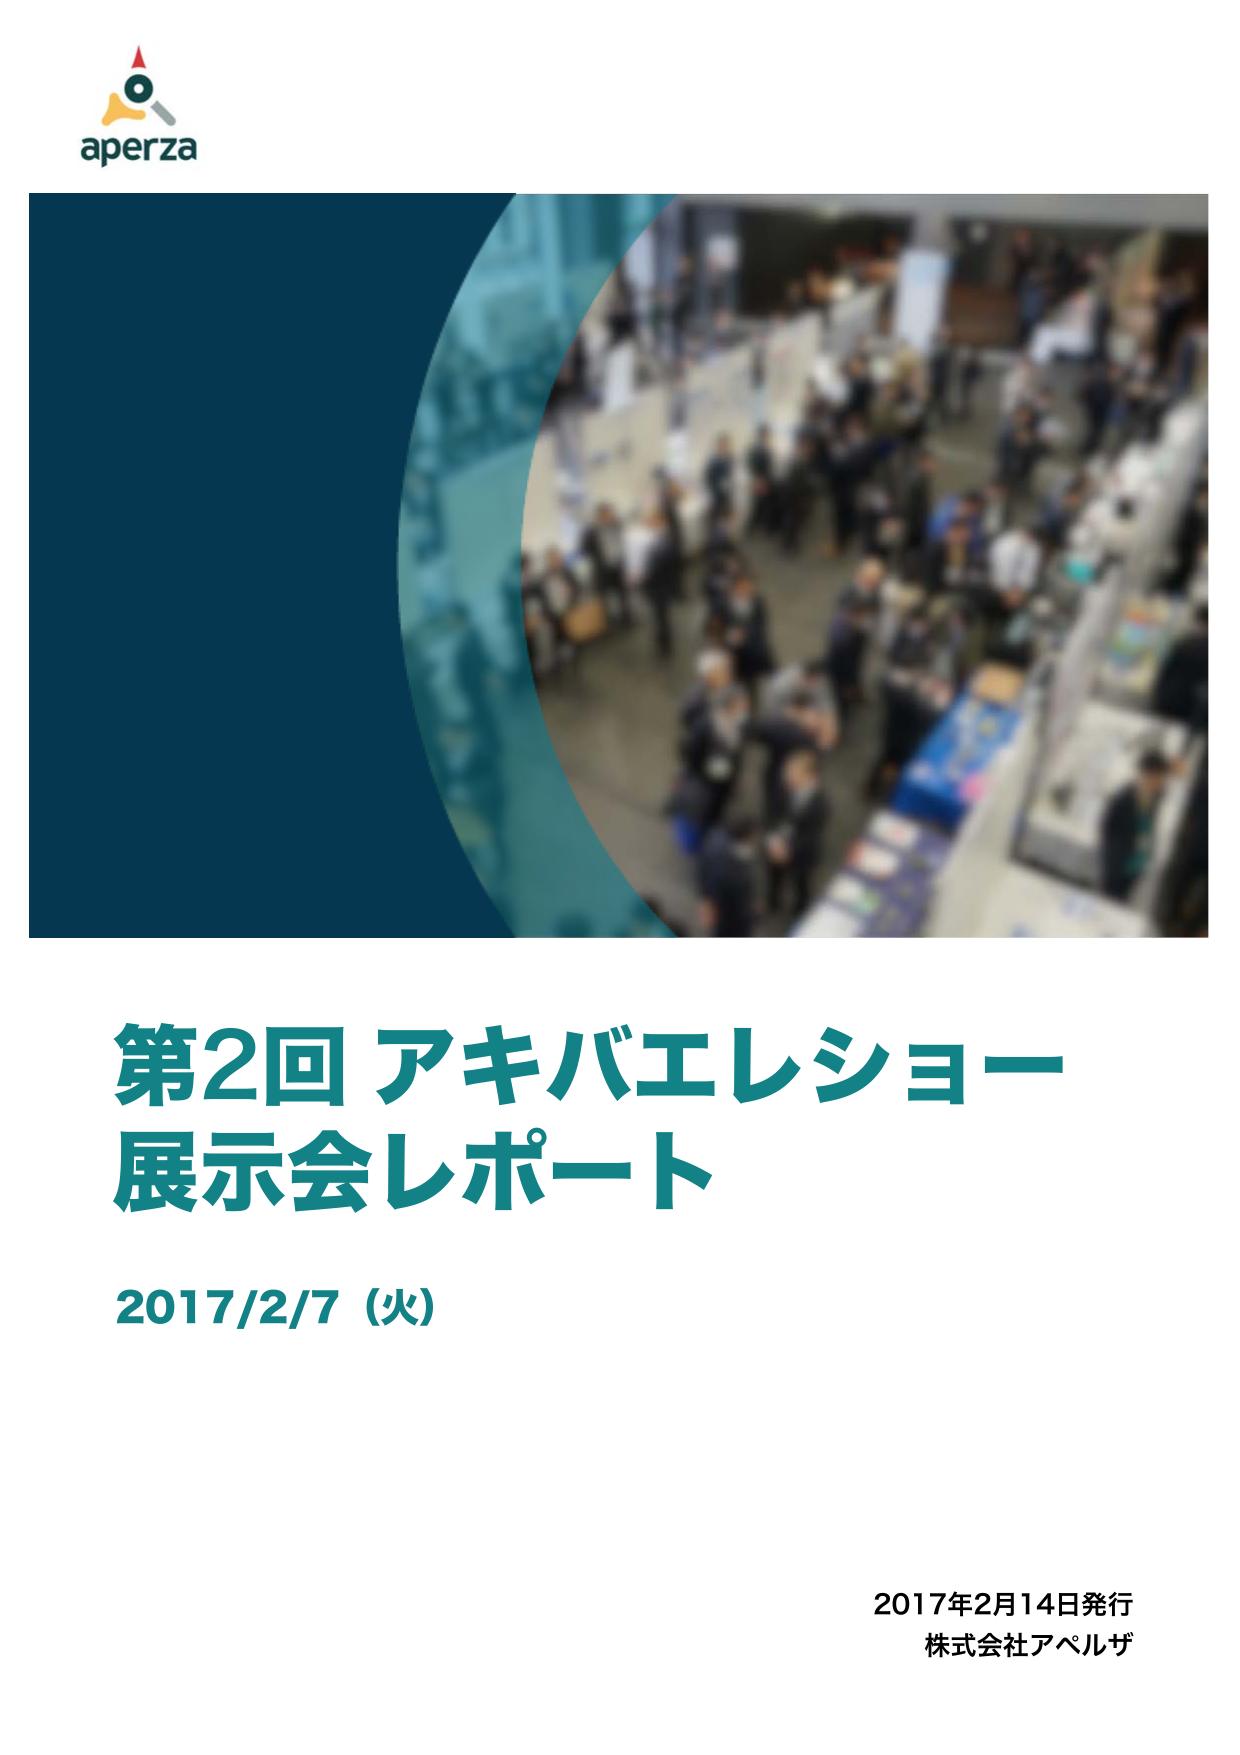 【展示会レポート】第2回アキバエレショー